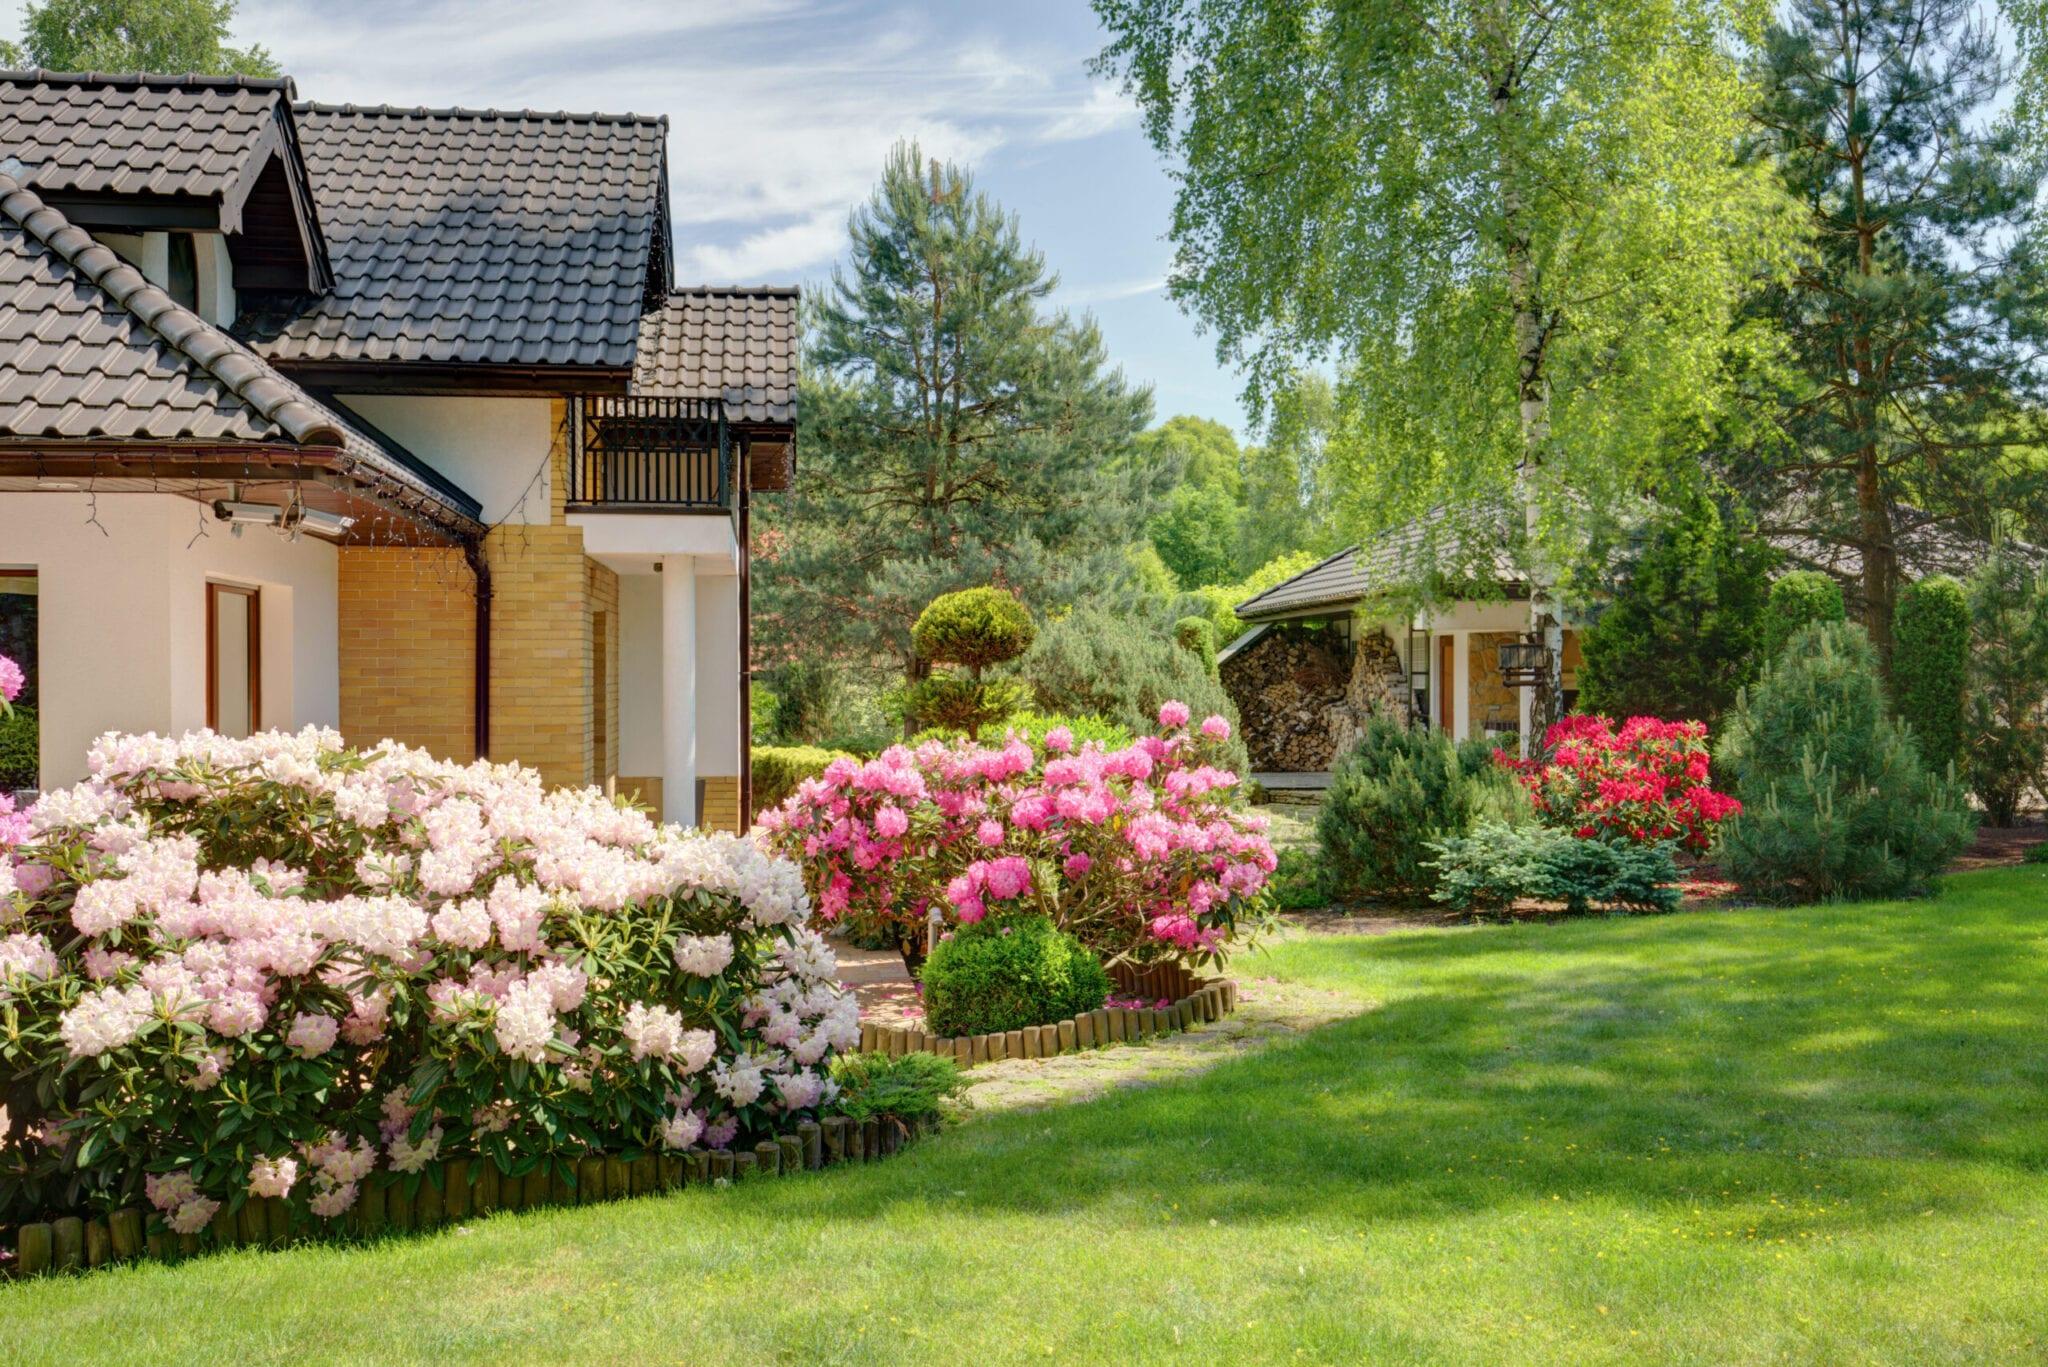 Beauty spring-flowering shrubs